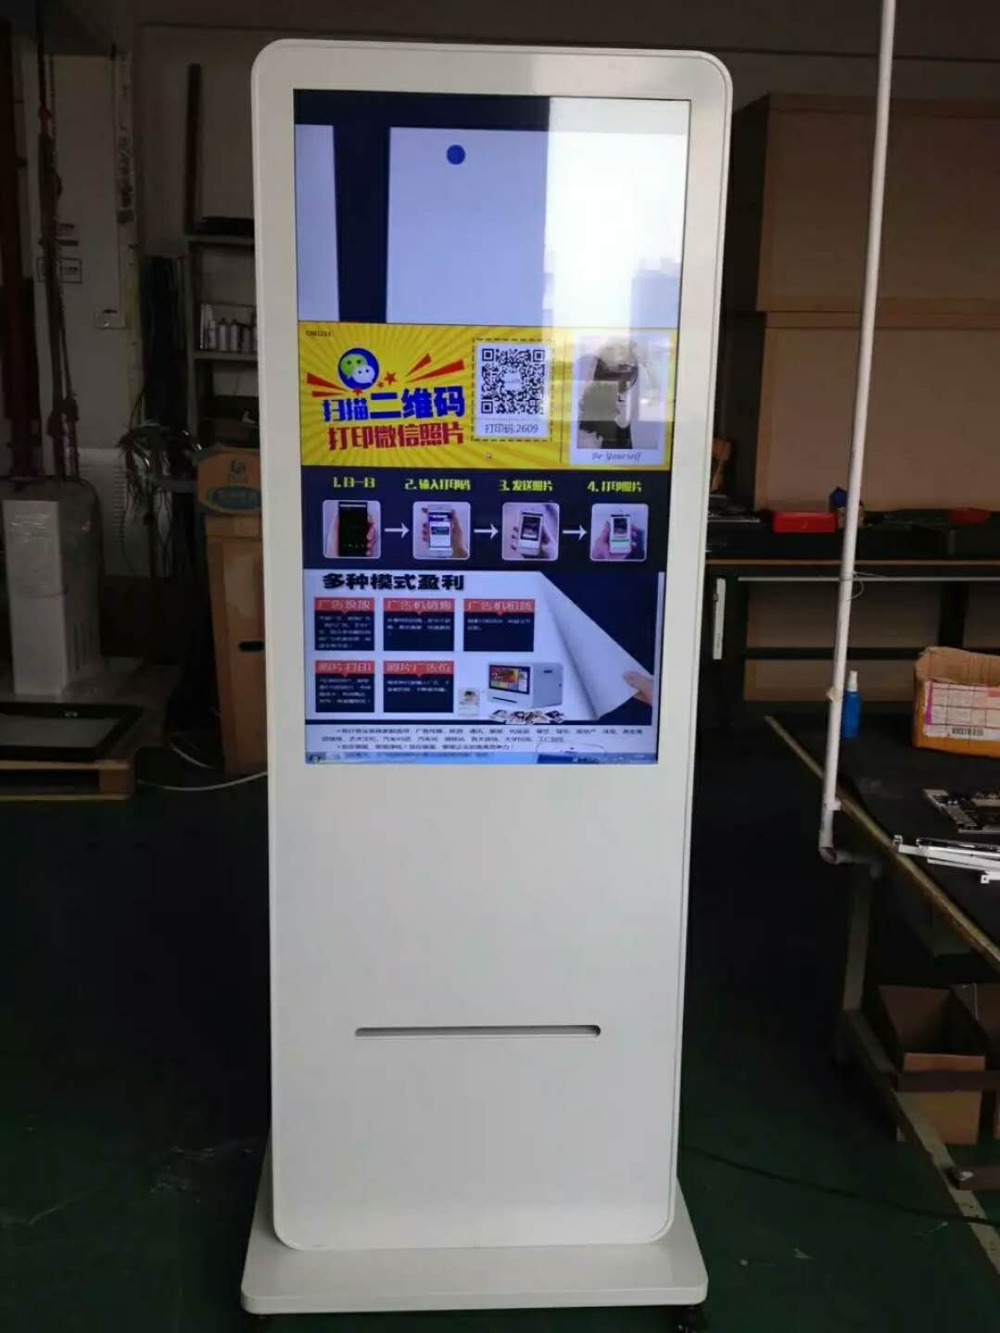 Webchat ou instogram photo Tout en un imprimante avec lcd hd tactile numérique lecteur de signalisation/debout libre vidéo numérique affichage